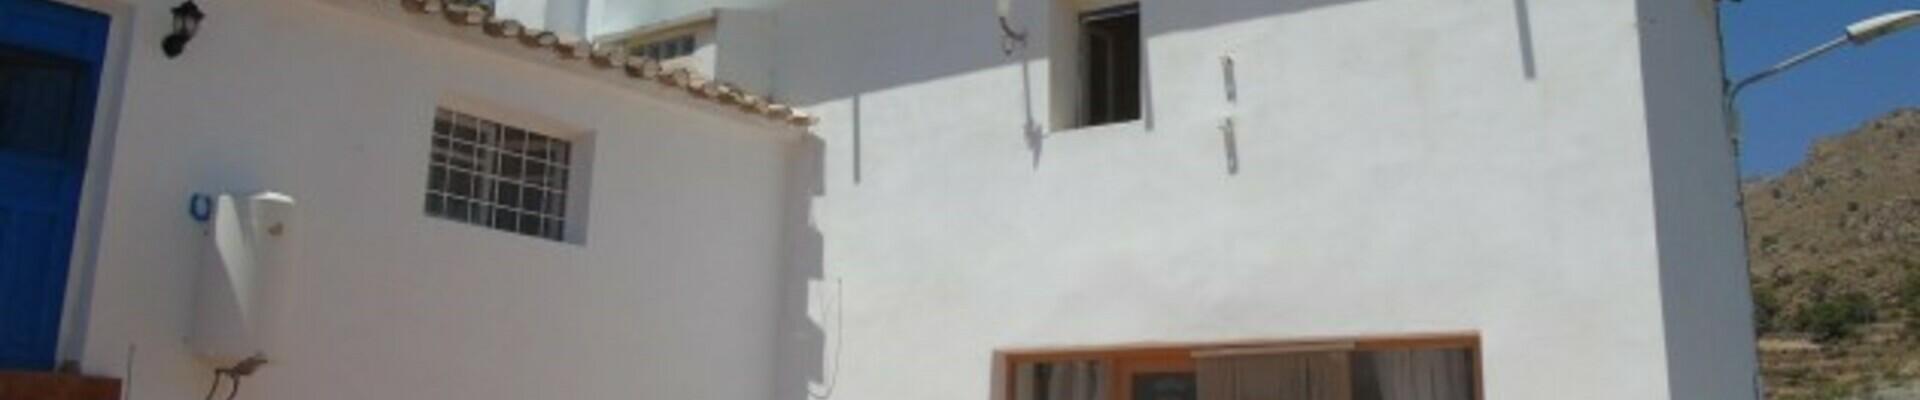 AF526: 2 Bedroom Cortijo for Sale